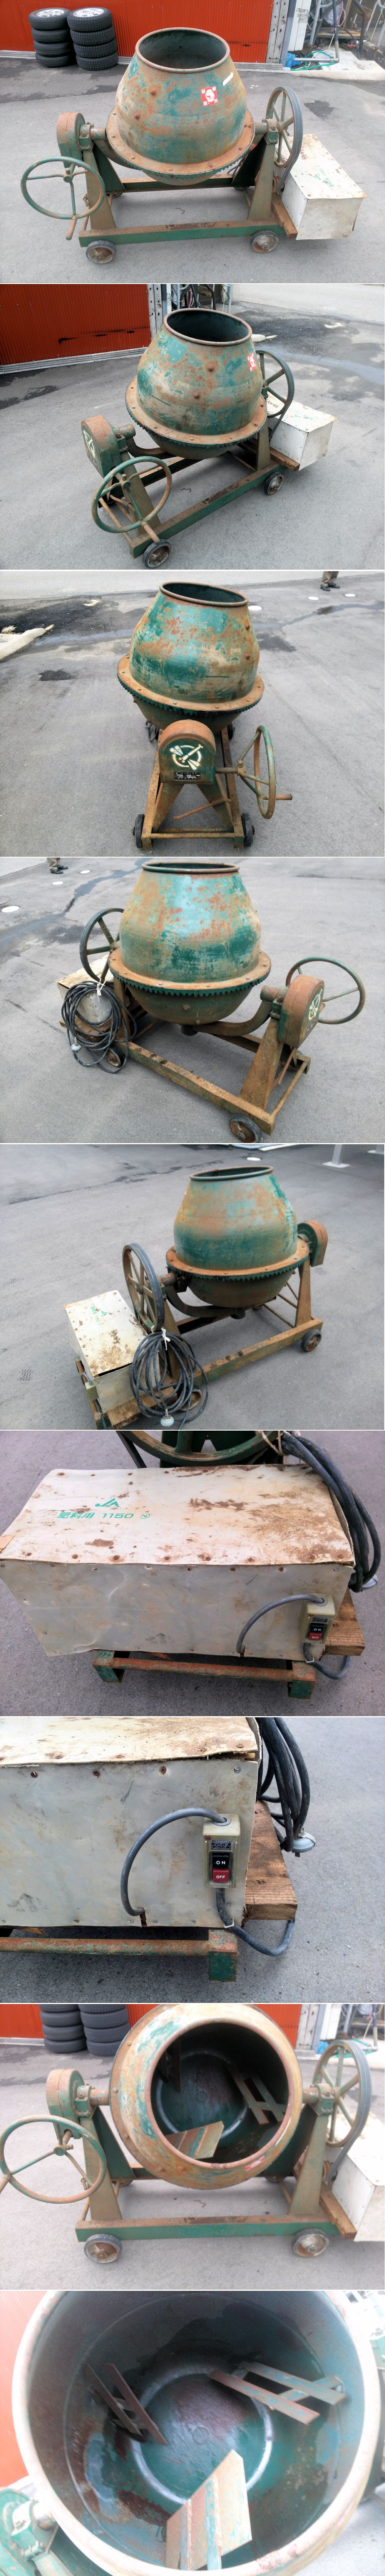 ポットミキサー 日工 コンクリート 肥料 NGM-2.5 容量70 200V 実働品 中古